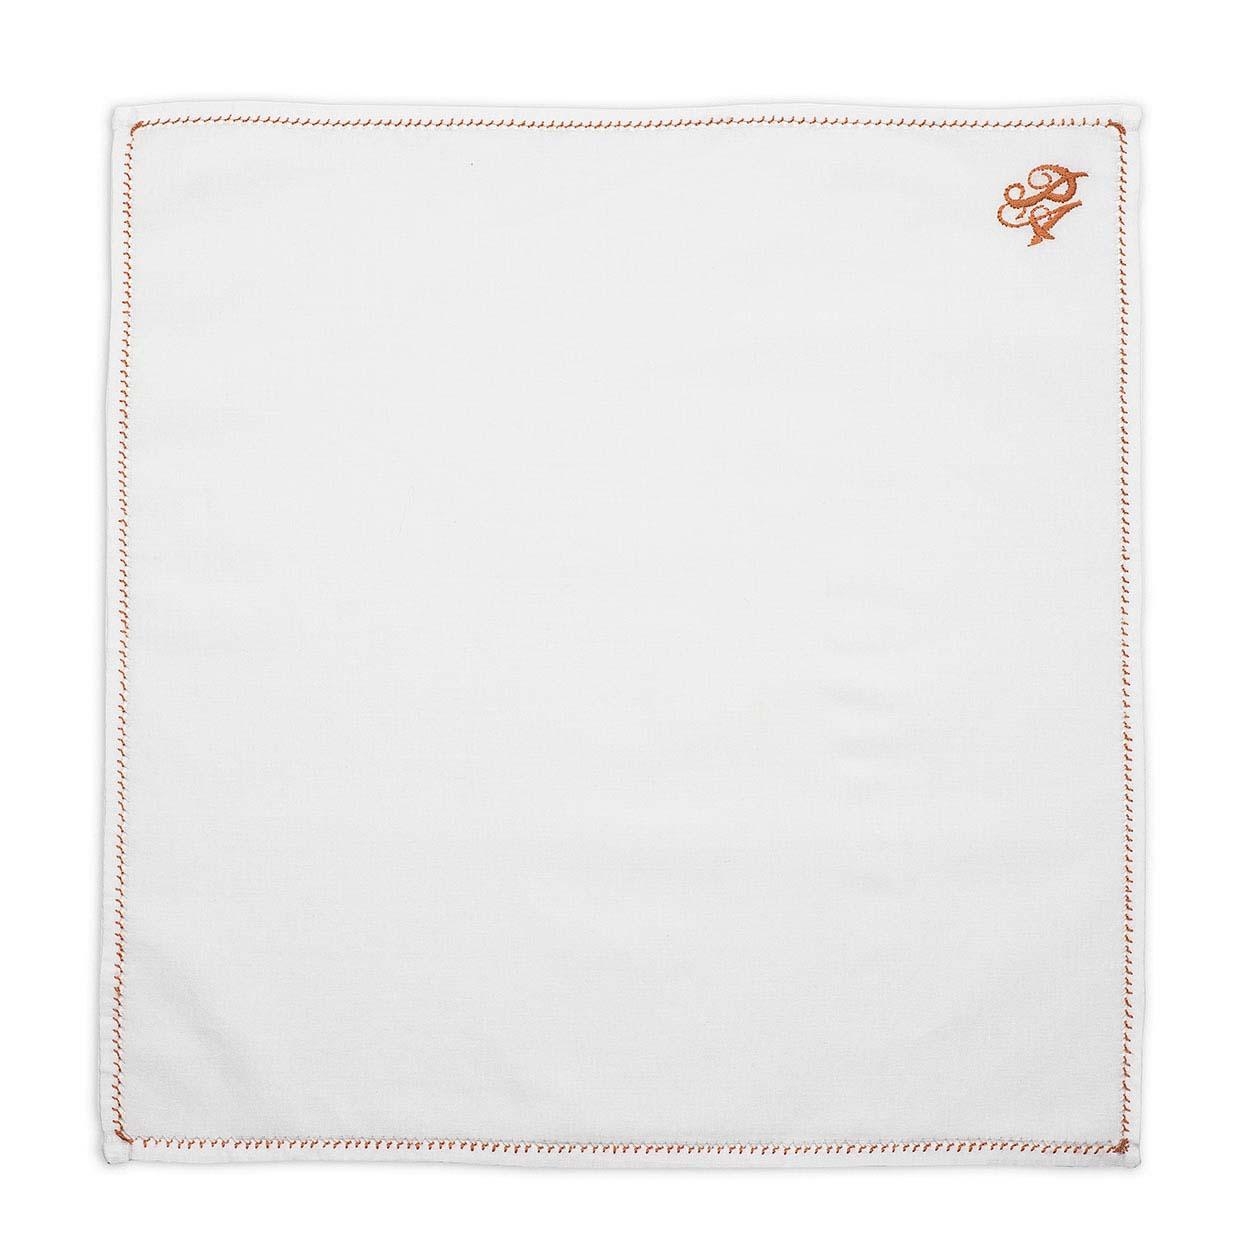 Λευκό Μαντήλι Κουστουμιού με Χάλκινο Μονόγραμμα